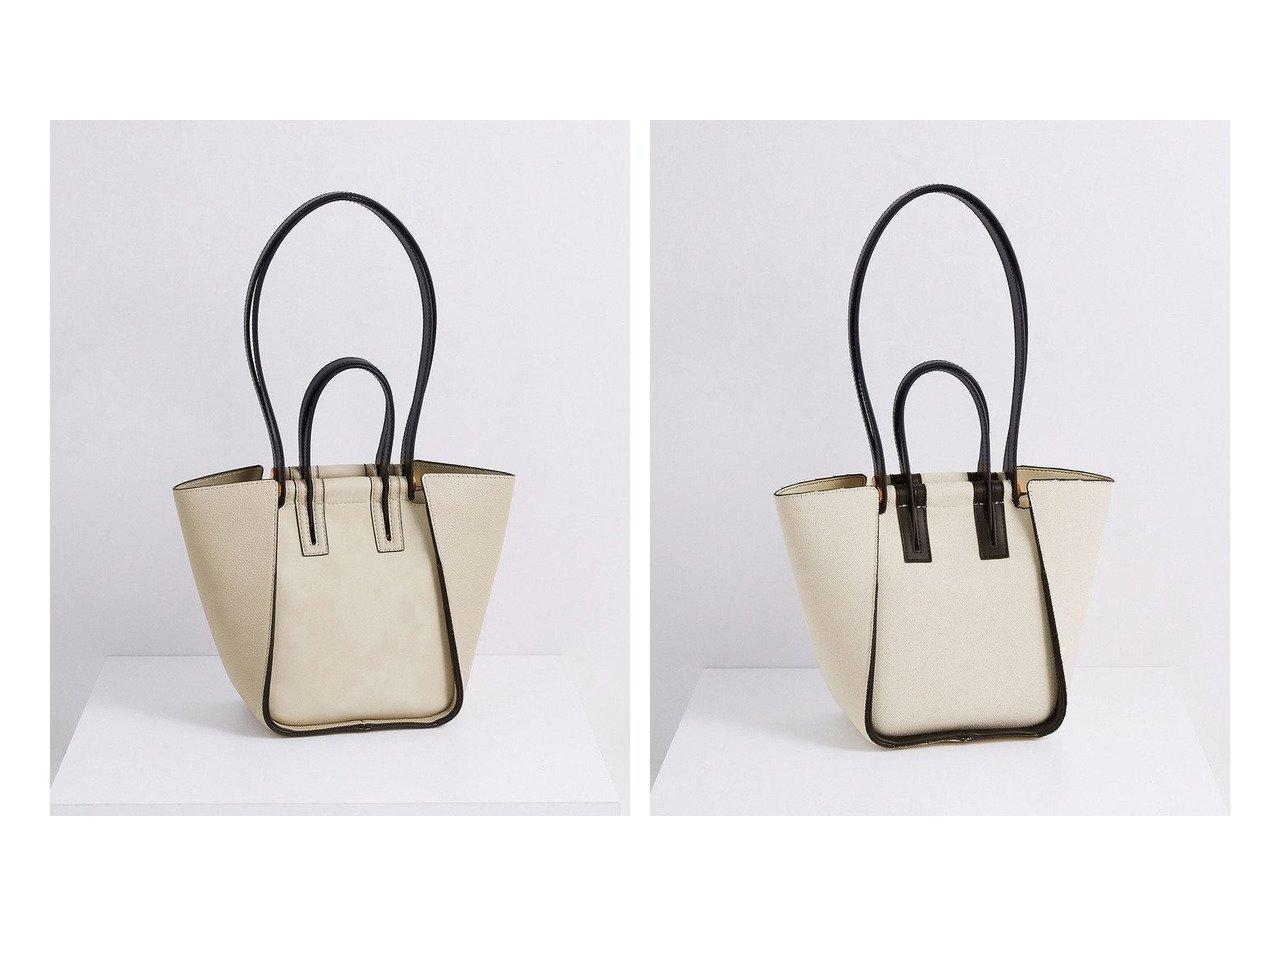 【ROPE'/ロペ】の【E POR】BUTTERFLY Mini 【バッグ・鞄】おすすめ!人気、トレンド・レディースファッションの通販  おすすめで人気の流行・トレンド、ファッションの通販商品 メンズファッション・キッズファッション・インテリア・家具・レディースファッション・服の通販 founy(ファニー) https://founy.com/ ファッション Fashion レディースファッション WOMEN エレガント オレンジ ダブル ハンドバッグ バタフライ フェイス ポケット ラベンダー 再入荷 Restock/Back in Stock/Re Arrival |ID:crp329100000033315